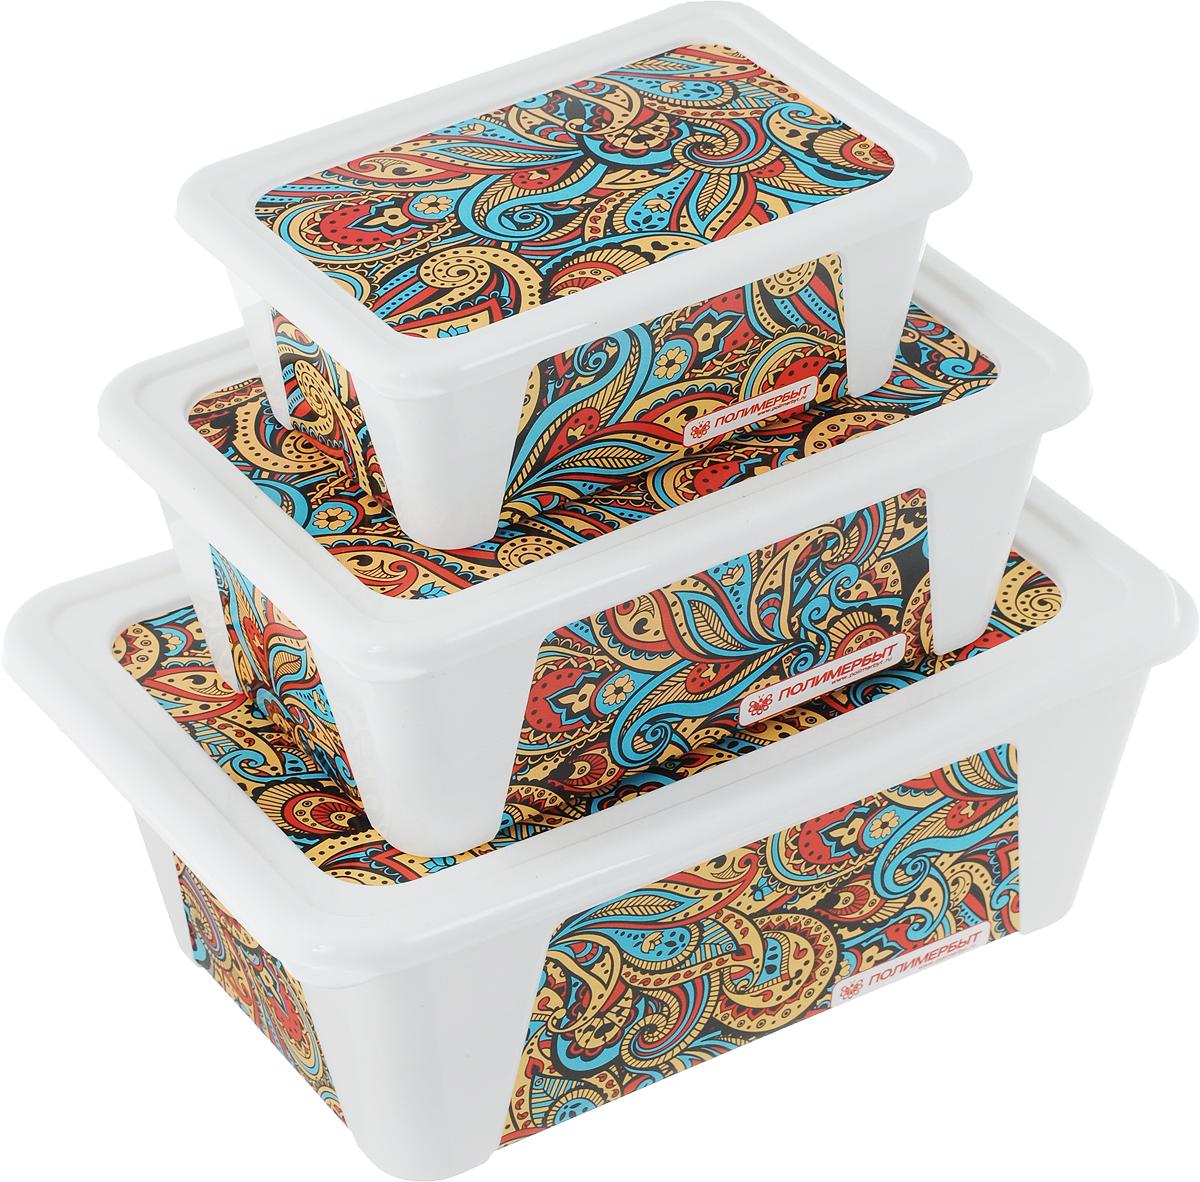 Набор контейнеров для хранения Полимербыт Пейсли, 3 штSGHPBKP75Набор Полимербыт Пейсли состоит из трех контейнеров, которые выполнены из пластика и оформлены оригинальным рисунком. Изделие подойдет как для хранения канцелярии, так и для хранения швейных принадлежностей. Размеры контейнеров: 22 х 15 х 8,5 см; 18 х 12,5 х 7 см; 14 х 9,5 х 5 см. Объём контейнеров: 1,65 л, 900 мл, 400 мл.